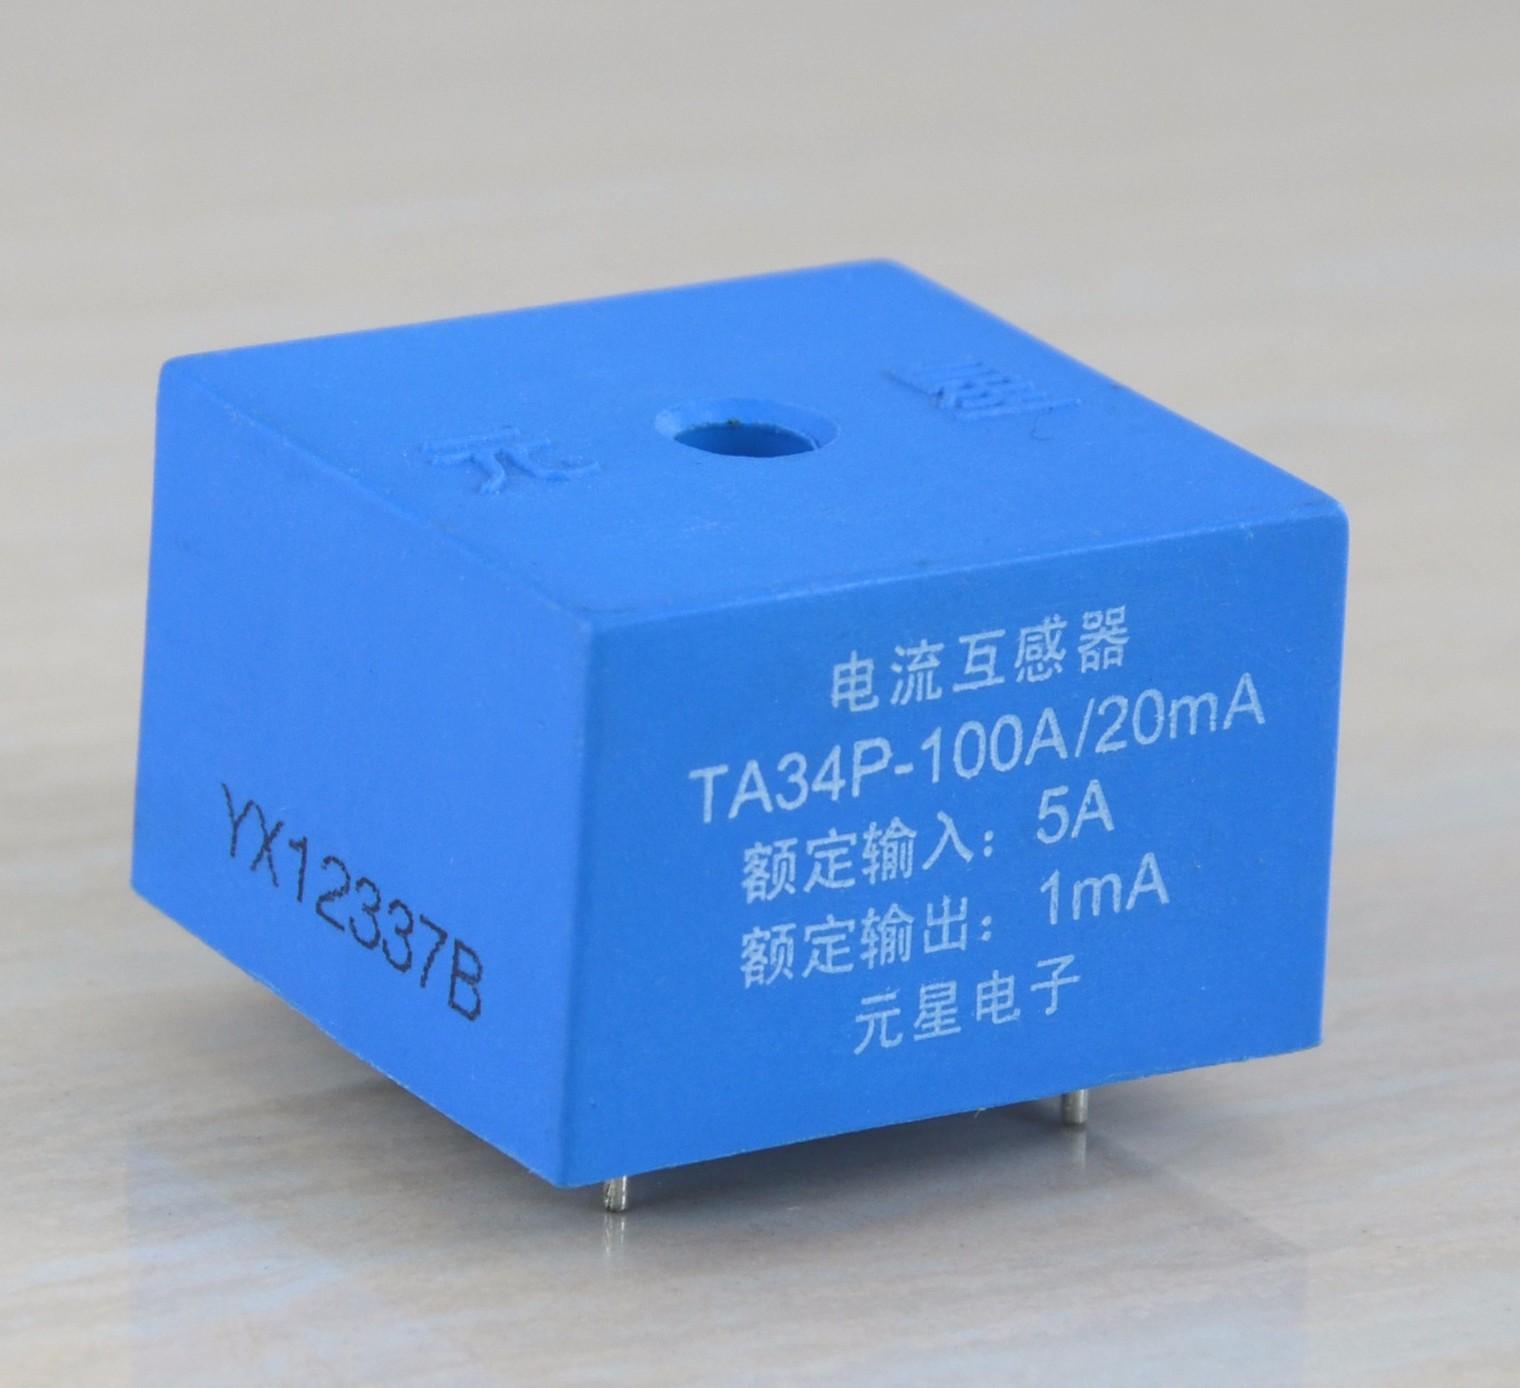 TA3411.jpg